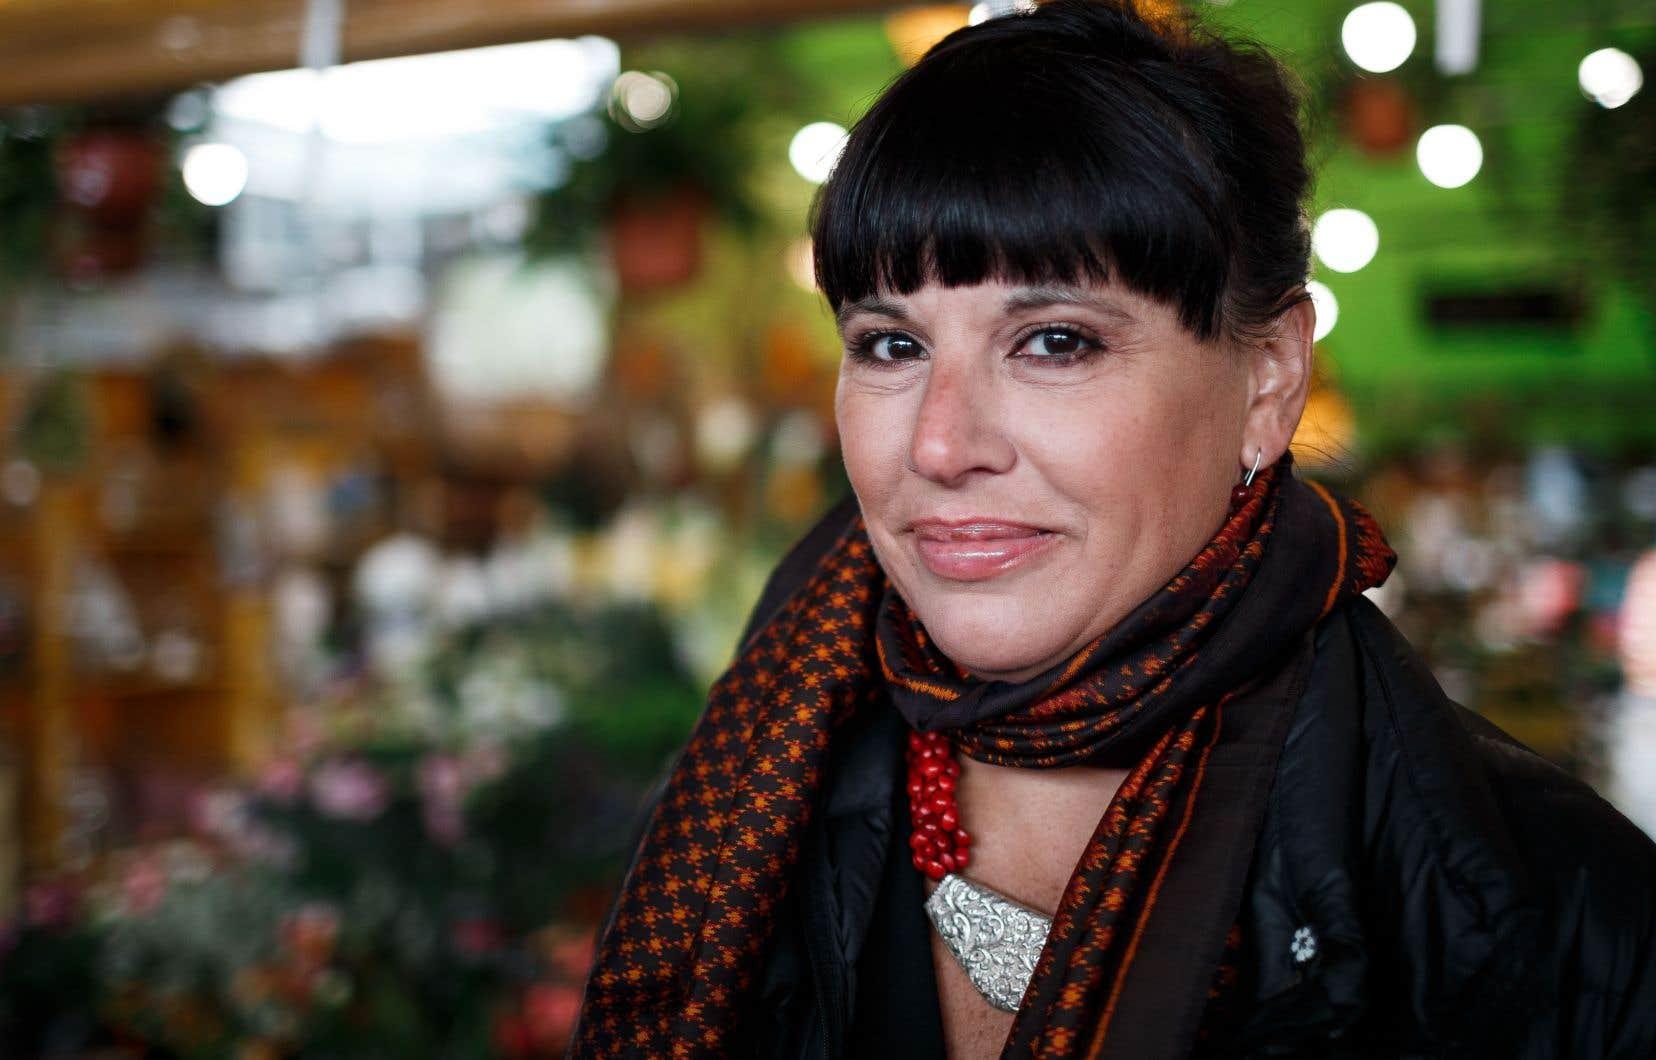 Nathalie Bondil s'est fait montrer la porte du Musée des beaux-arts de Montréal à la mi-juillet. La nouvelle a rapidement eu l'effet d'une bombe au sein du milieu culturel québécois.